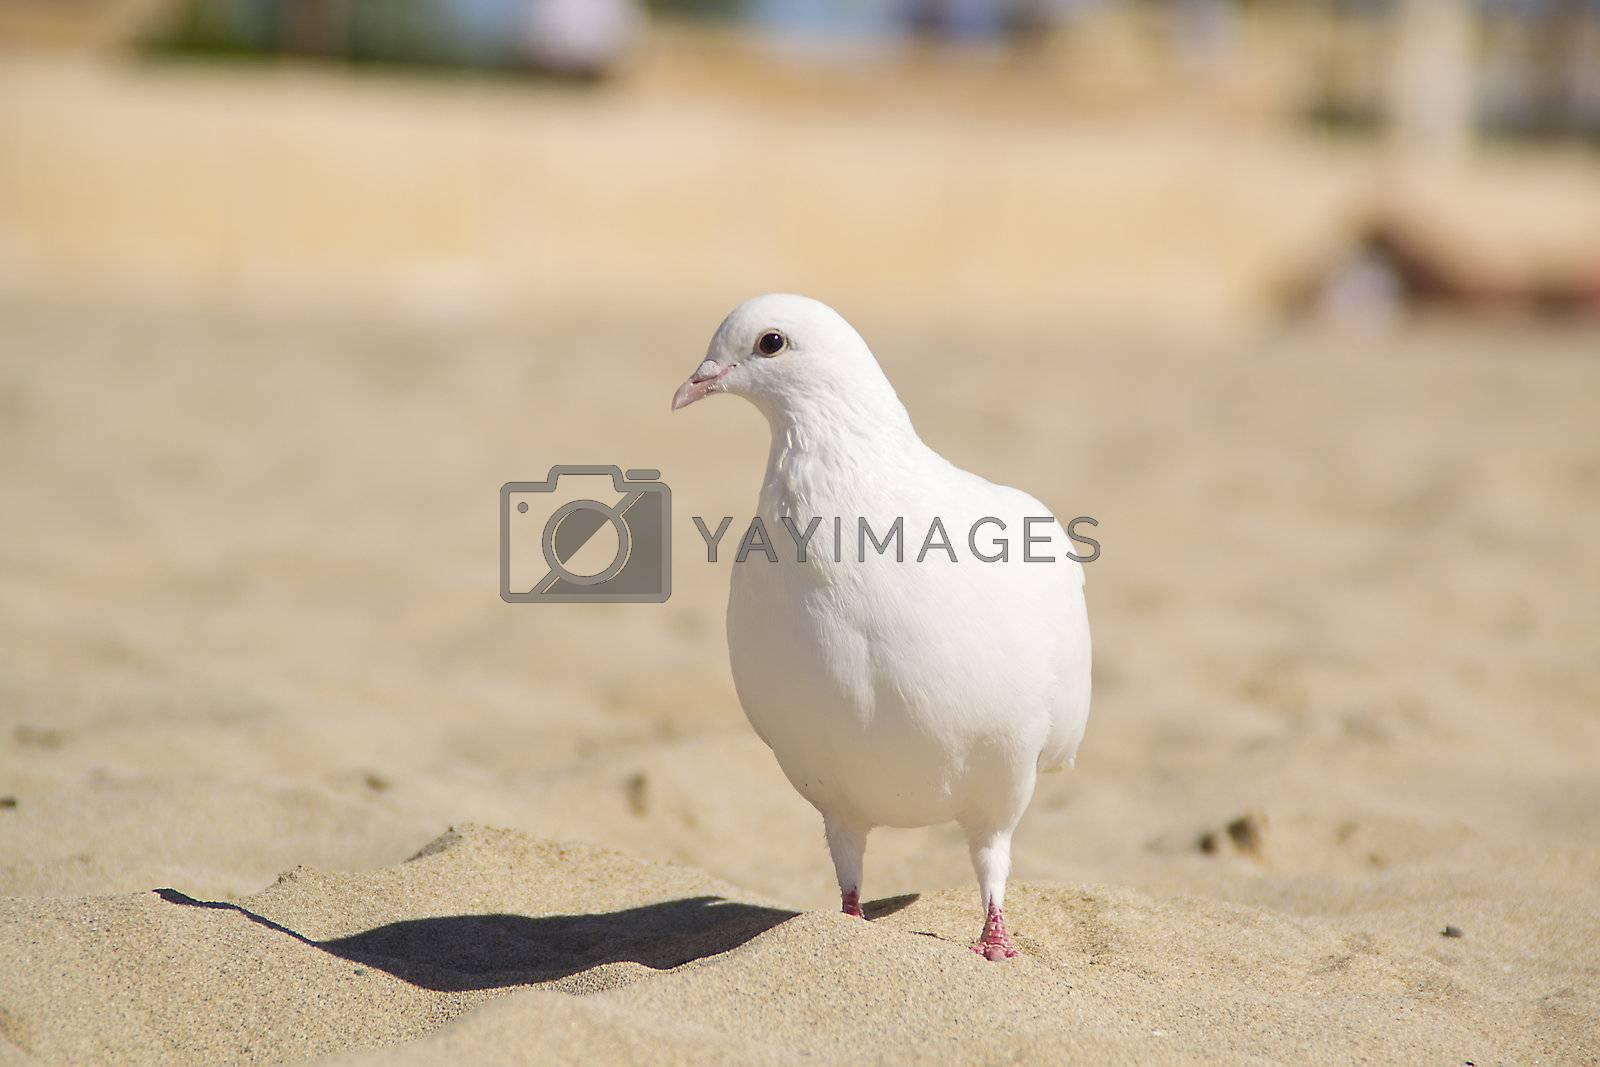 white pingeon at the beach